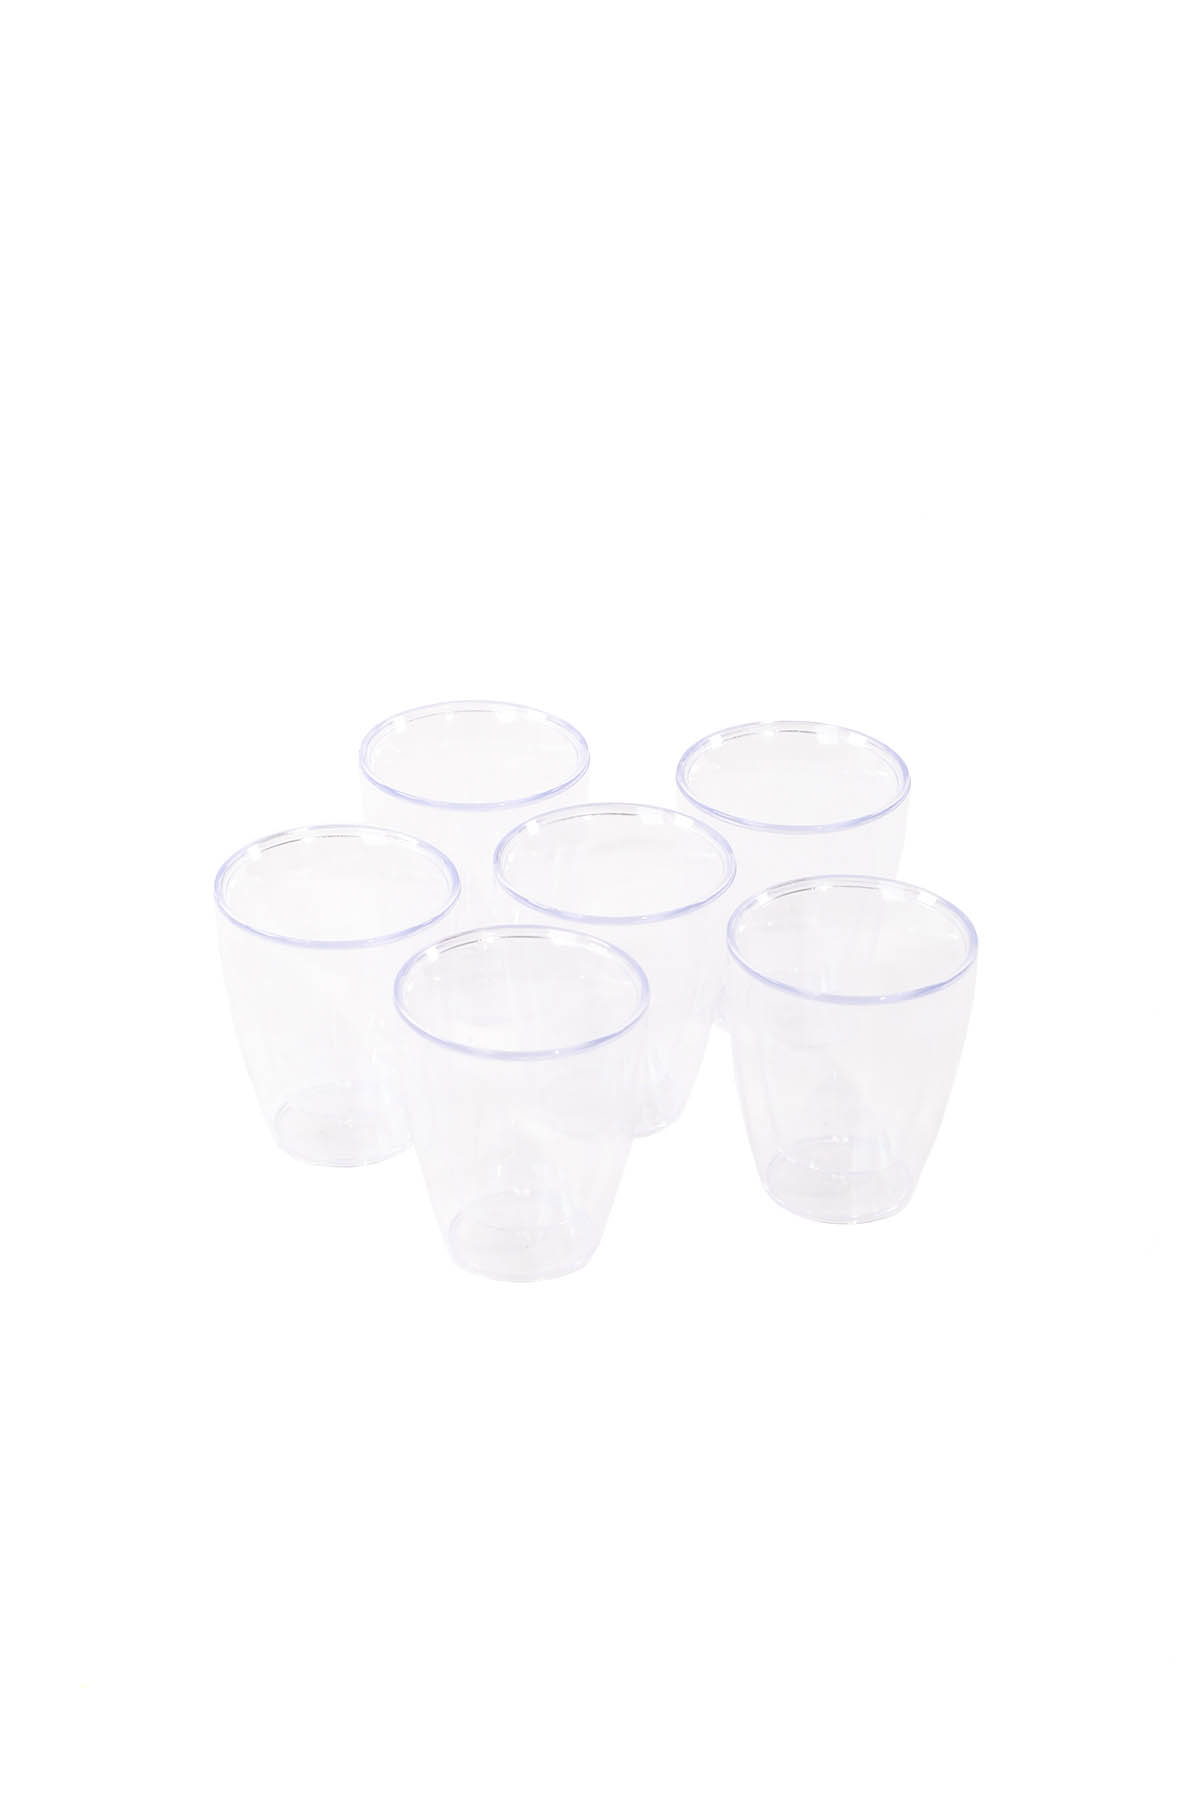 MARKAPIA HOME - Набор для питья с двойными стенками, негорючий, 6 предм. (1)